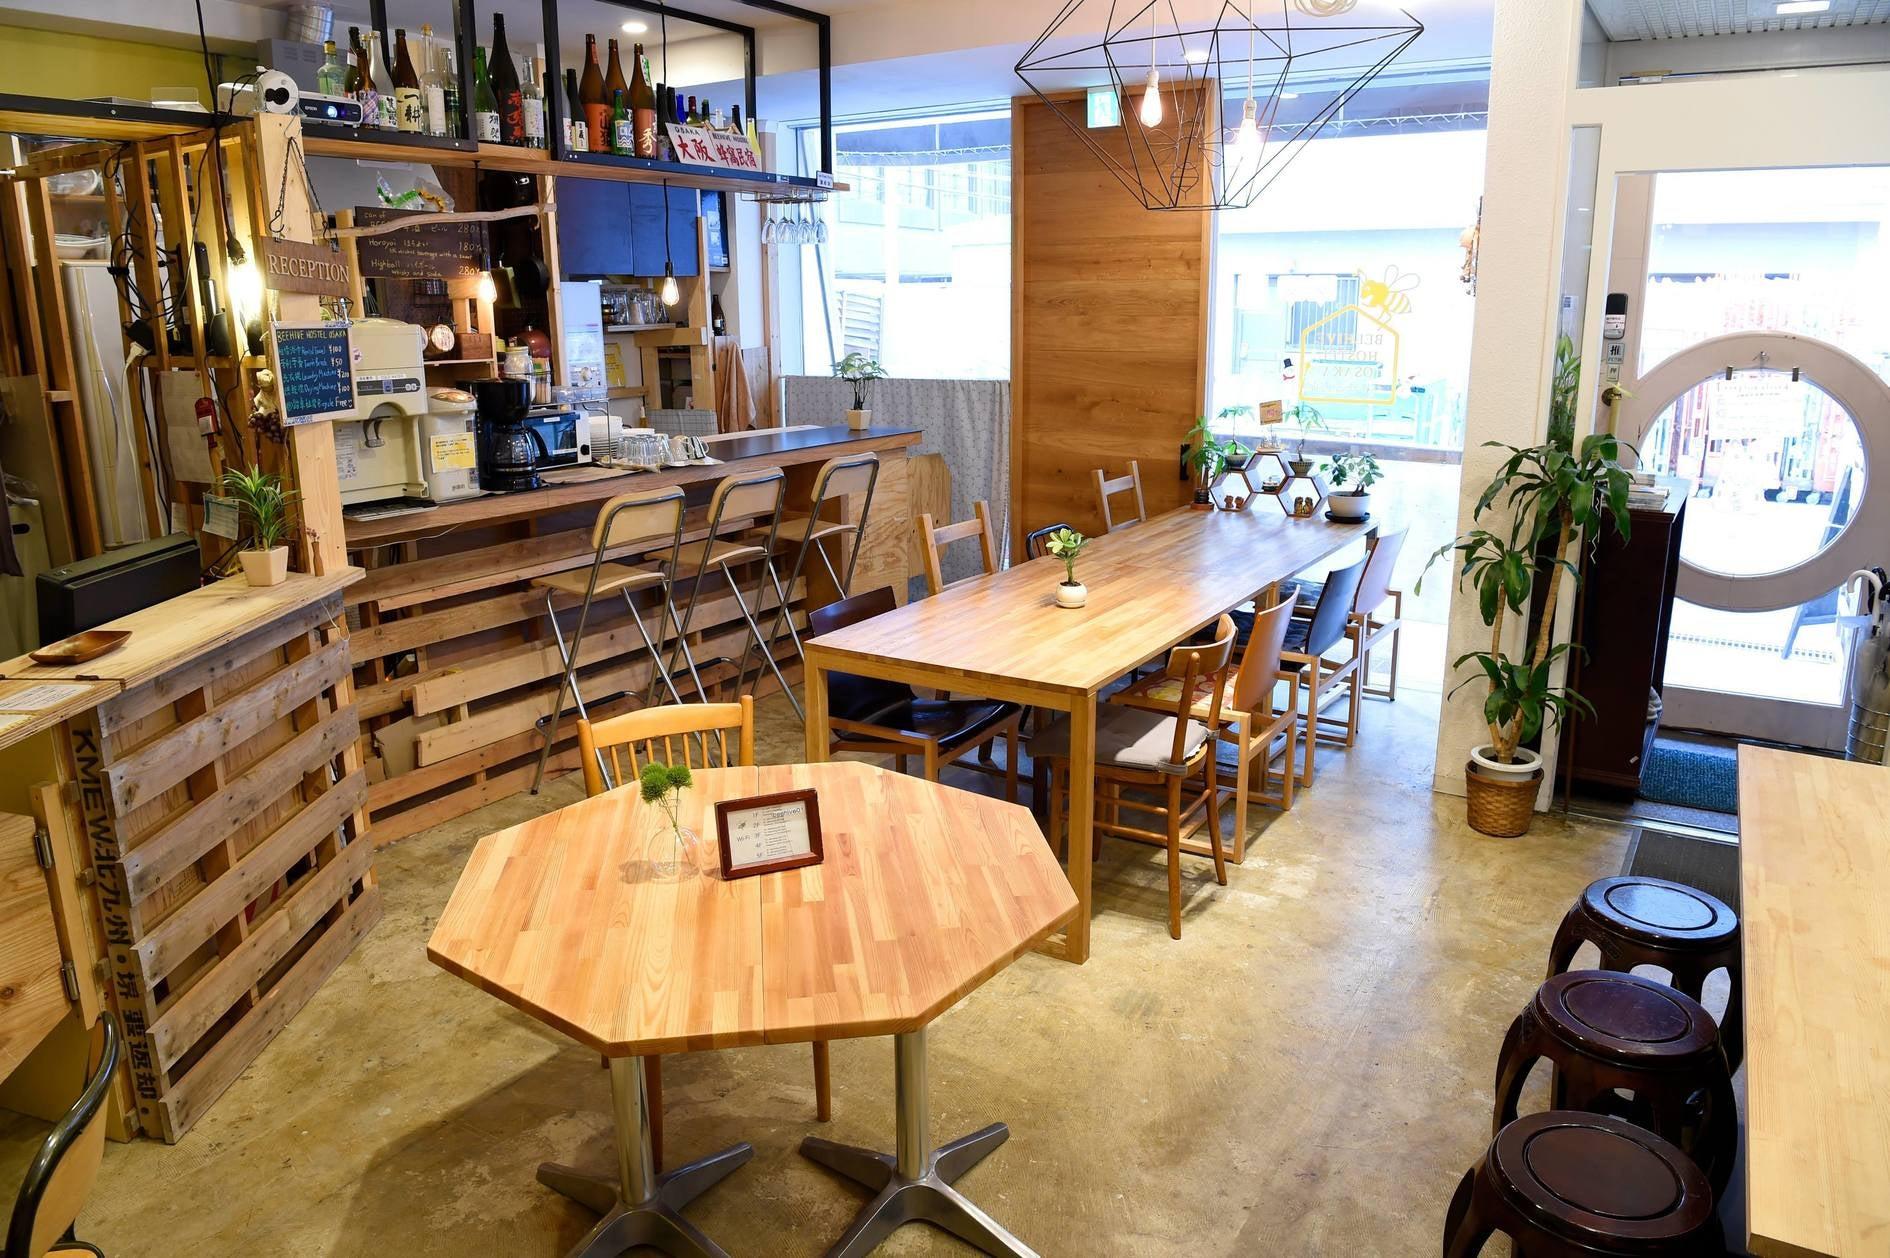 長堀橋駅より徒歩4分。共用部は18人まで利用可能。お茶会、会議など様々な用途にお使いいただけます。 の写真